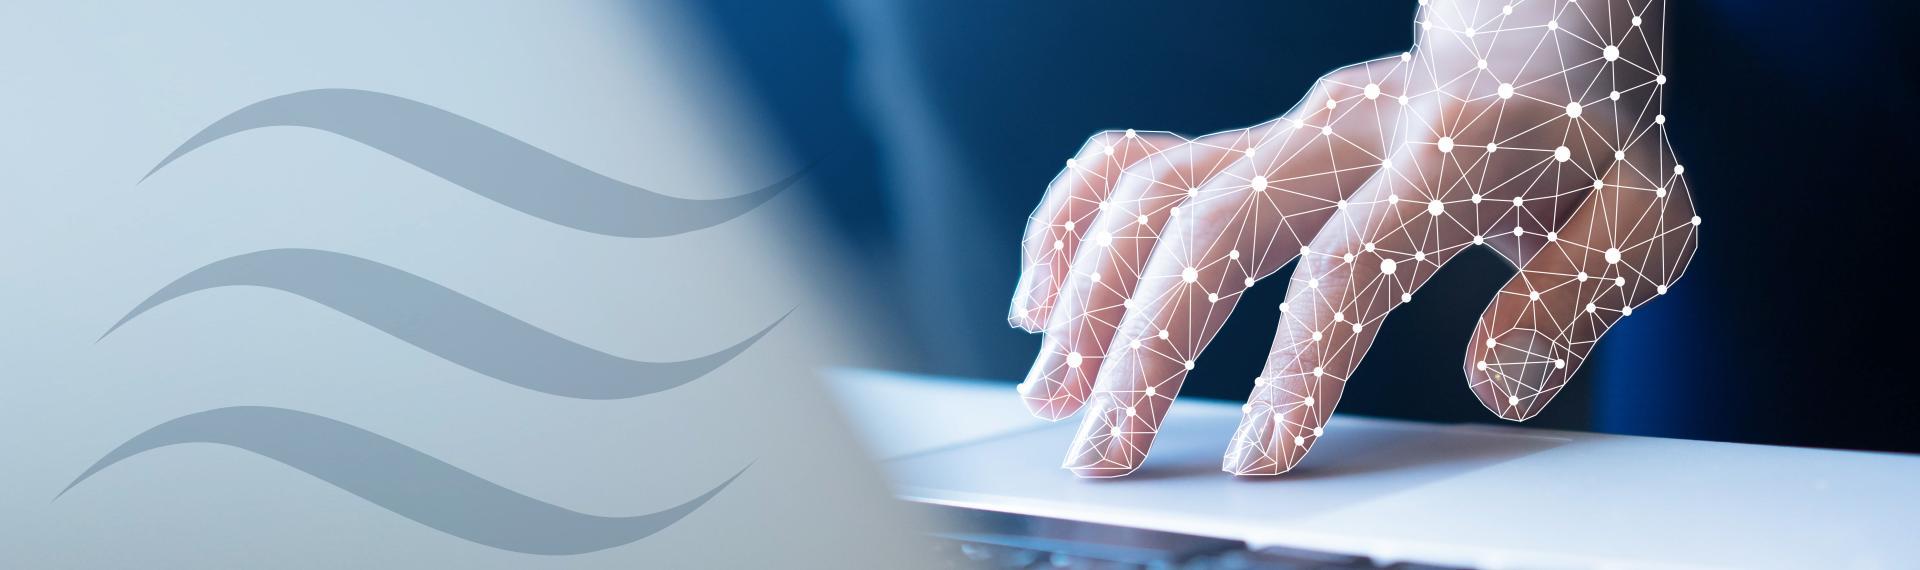 wirtualny SAN dzieki oprogramowaniu StarWind - tlo